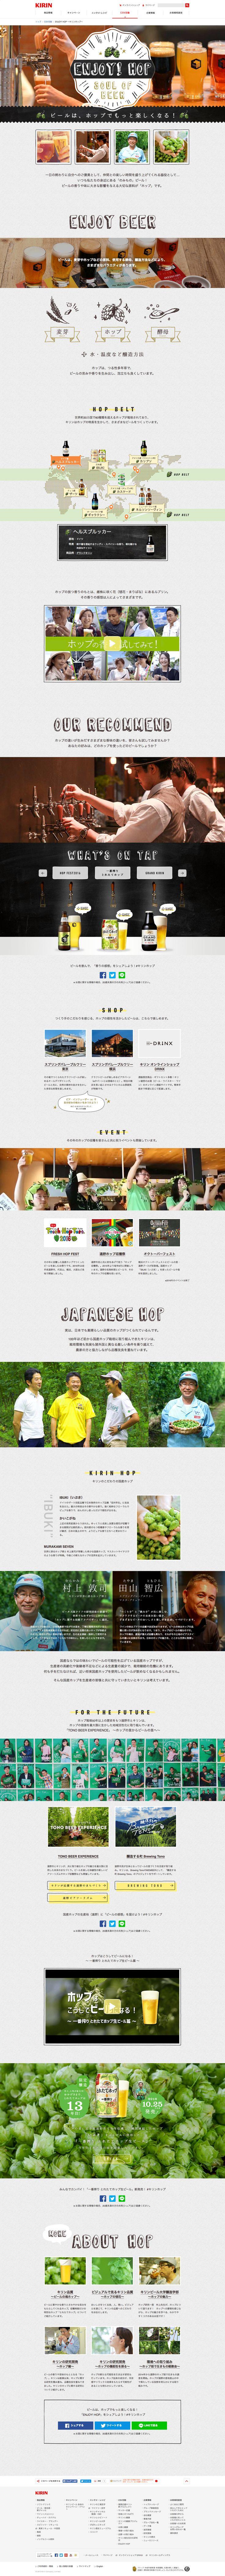 ENJOY! HOP ~キリンホップ~|CSV活動|キリン http://www.kirin.co.jp/csv/hop/index.html?